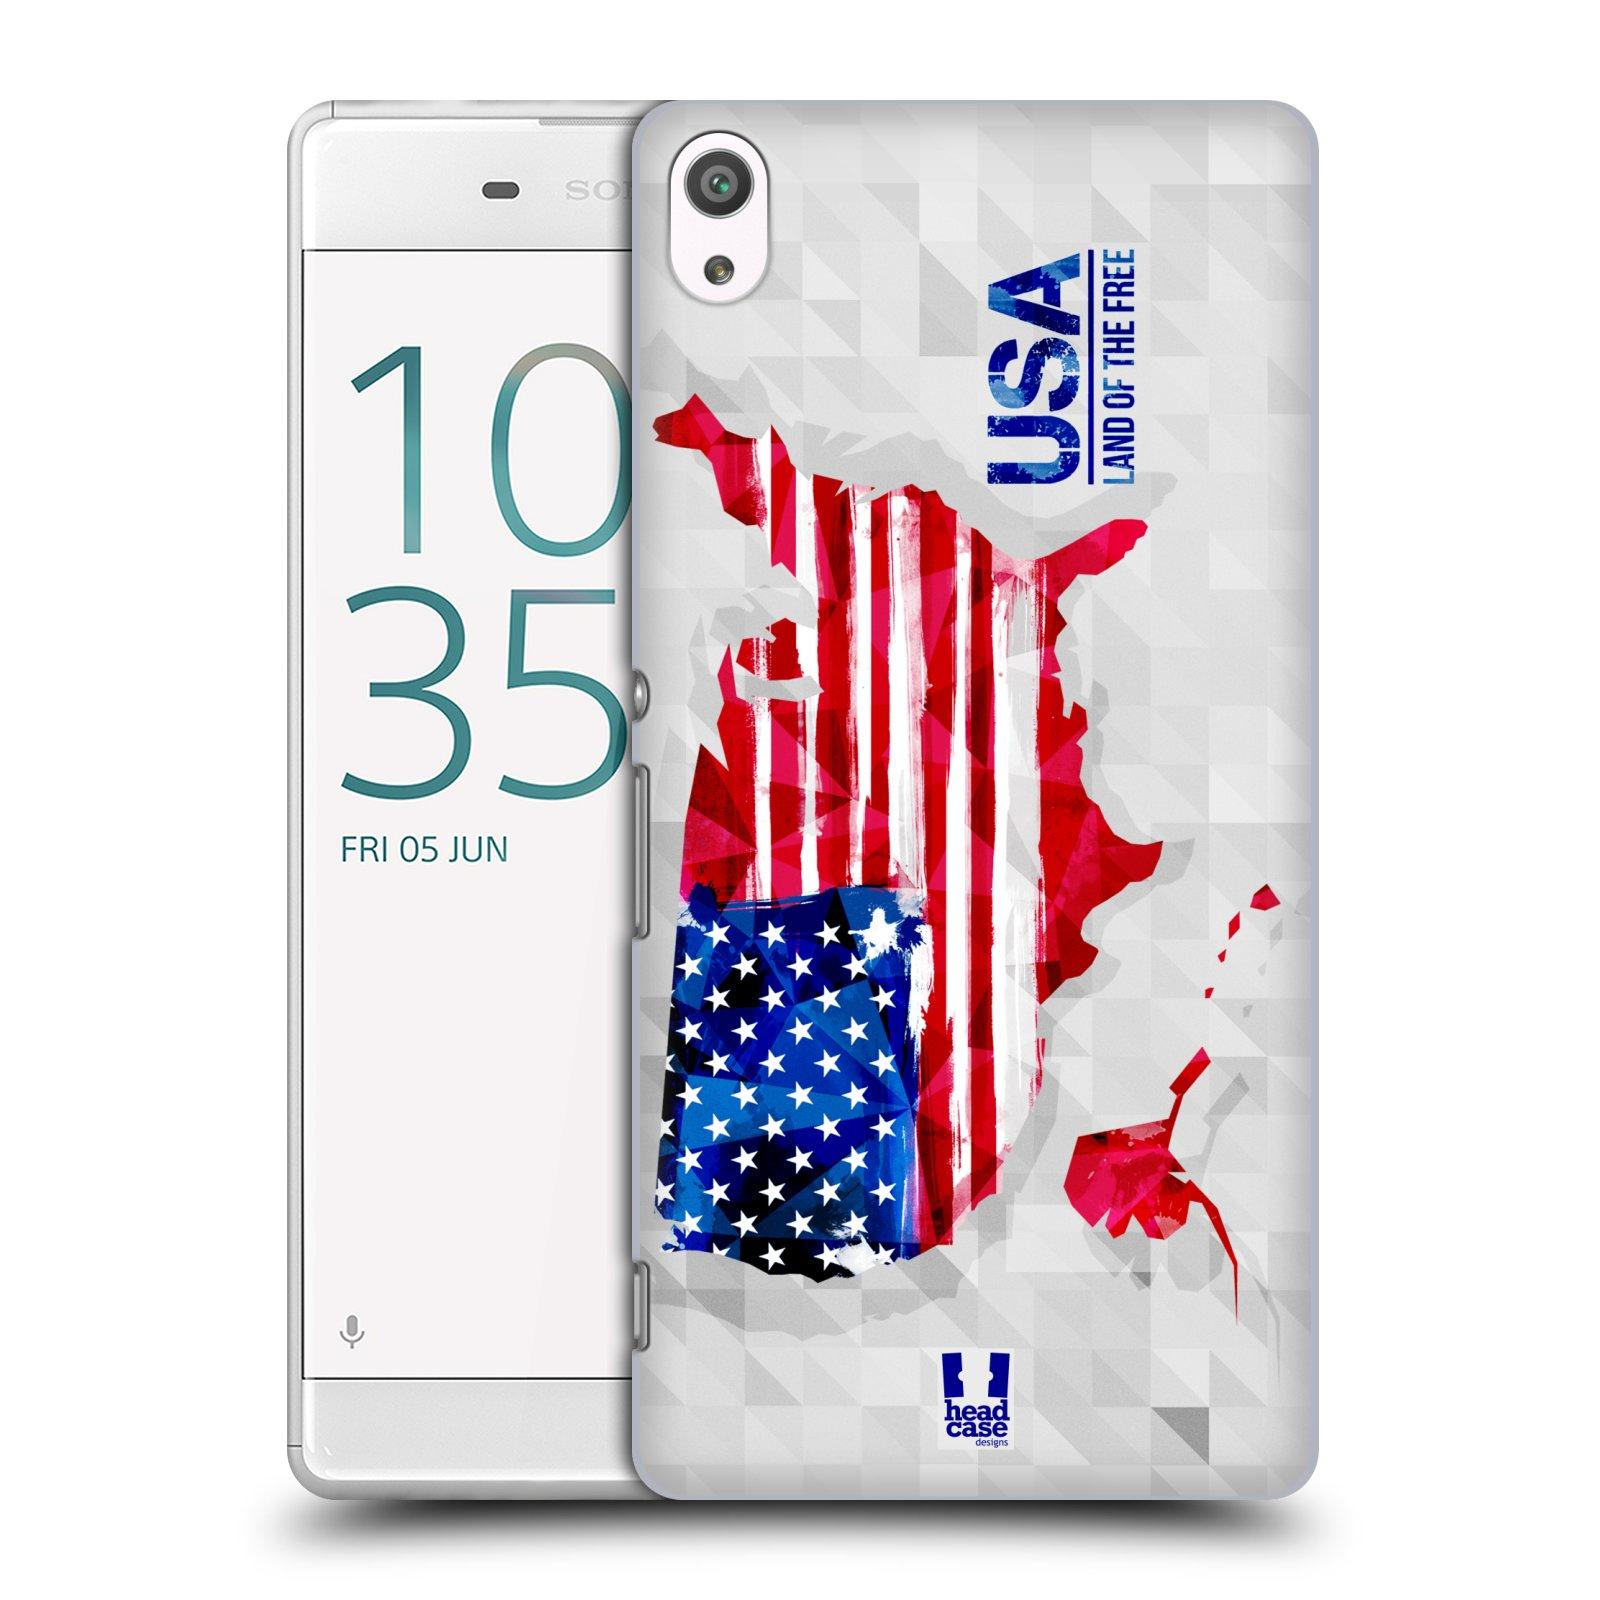 Plastové pouzdro na mobil Sony Xperia XA Ultra HEAD CASE GEOMAPA USA (Plastový kryt či obal na mobilní telefon Sony Xperia XA Ultra F3211)